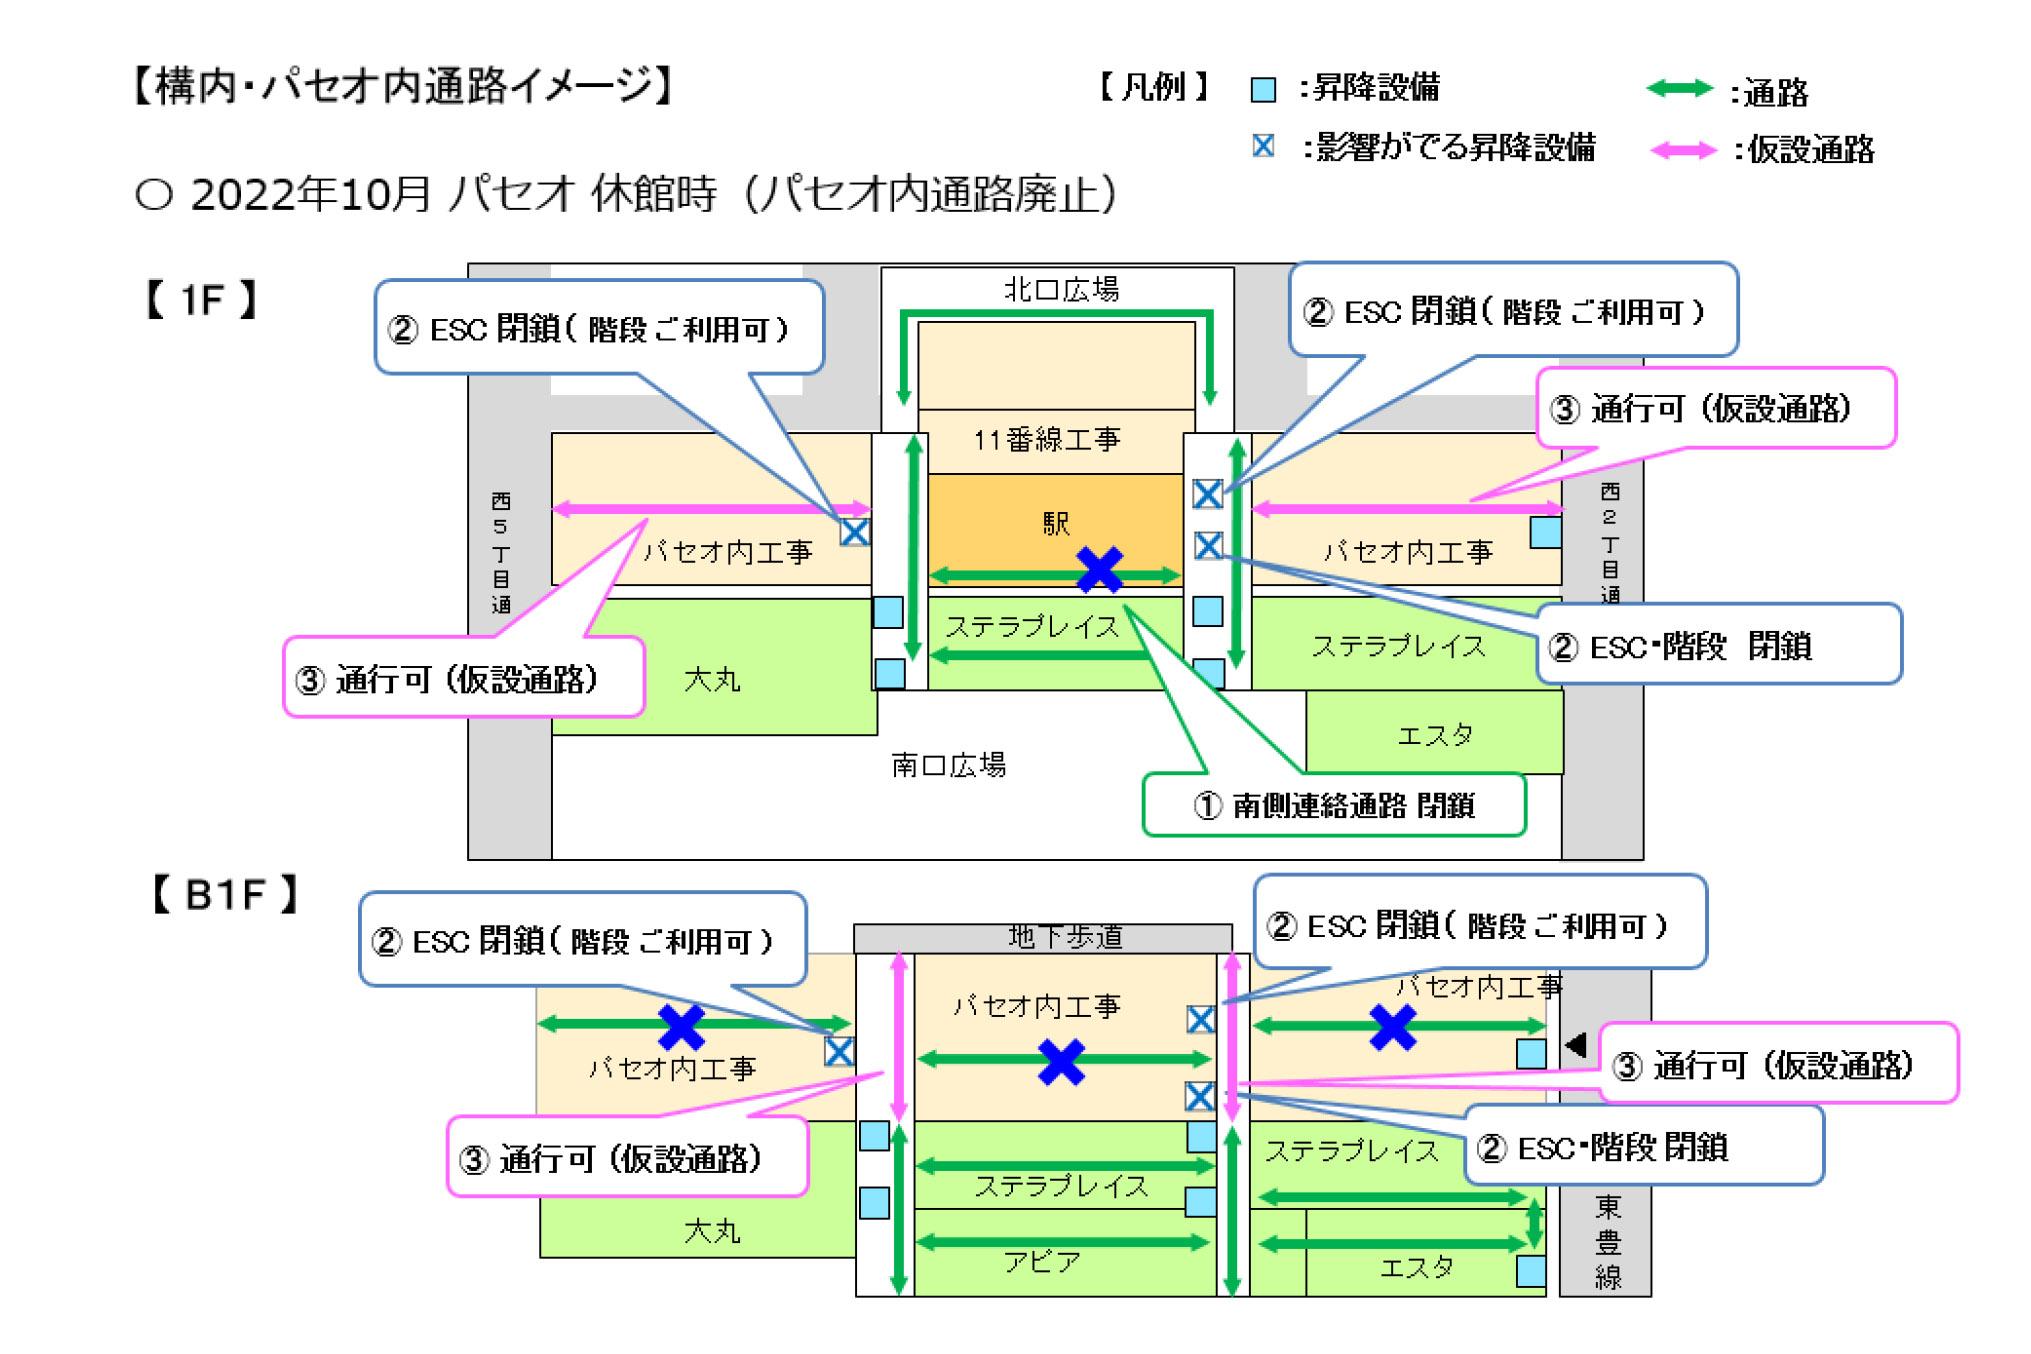 札幌駅構内、パセオの通路や昇降設備の利用停止について